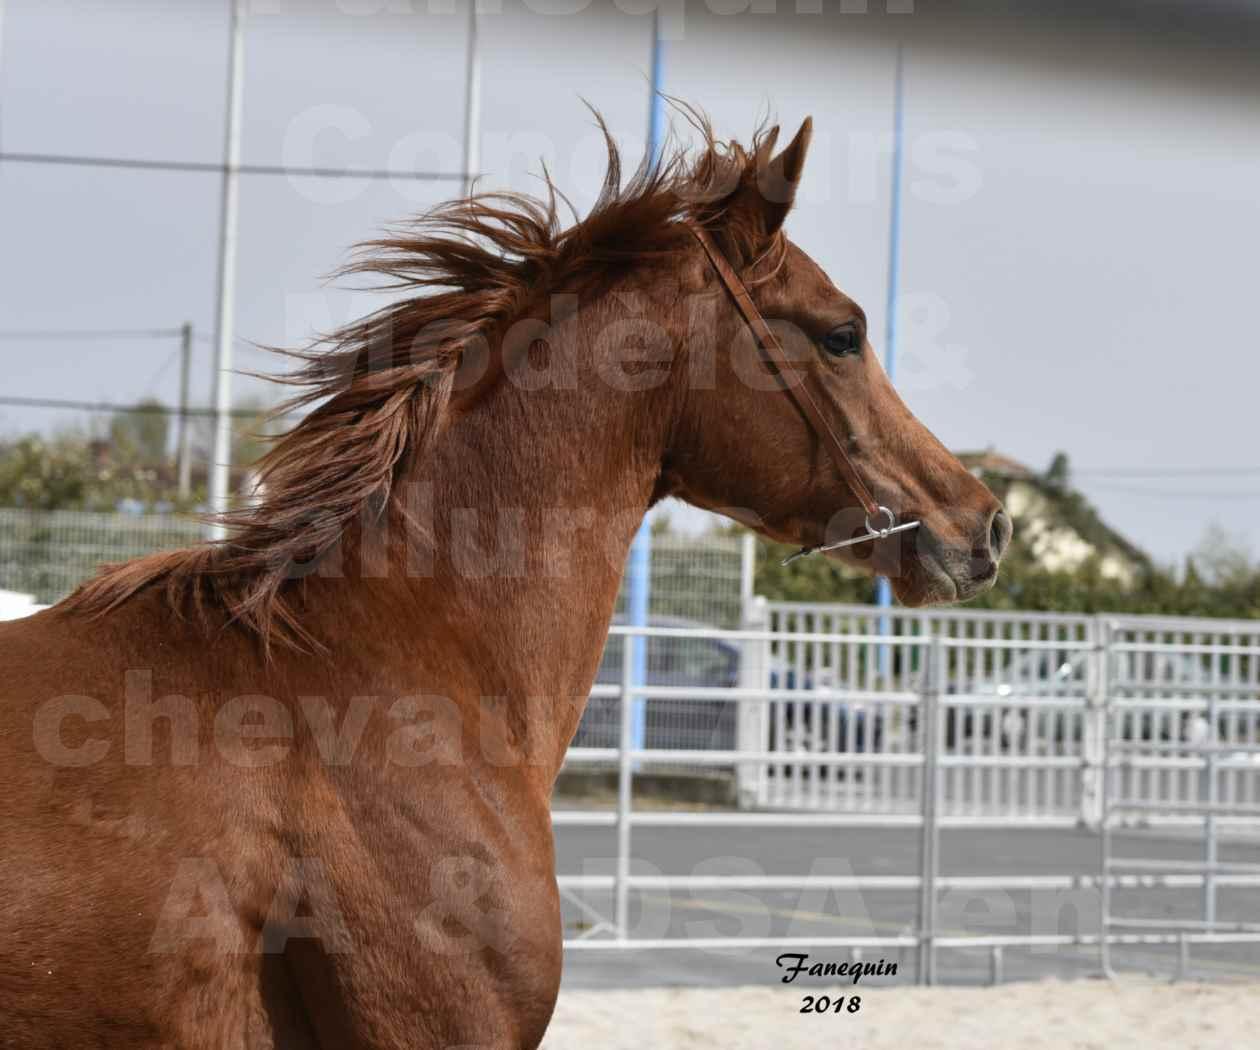 Concours d'élevage de Chevaux Arabes - Demi Sang Arabes - Anglo Arabes - ALBI les 6 & 7 Avril 2018 - FLEURON CONDO - Notre Sélection - Portraits - 3